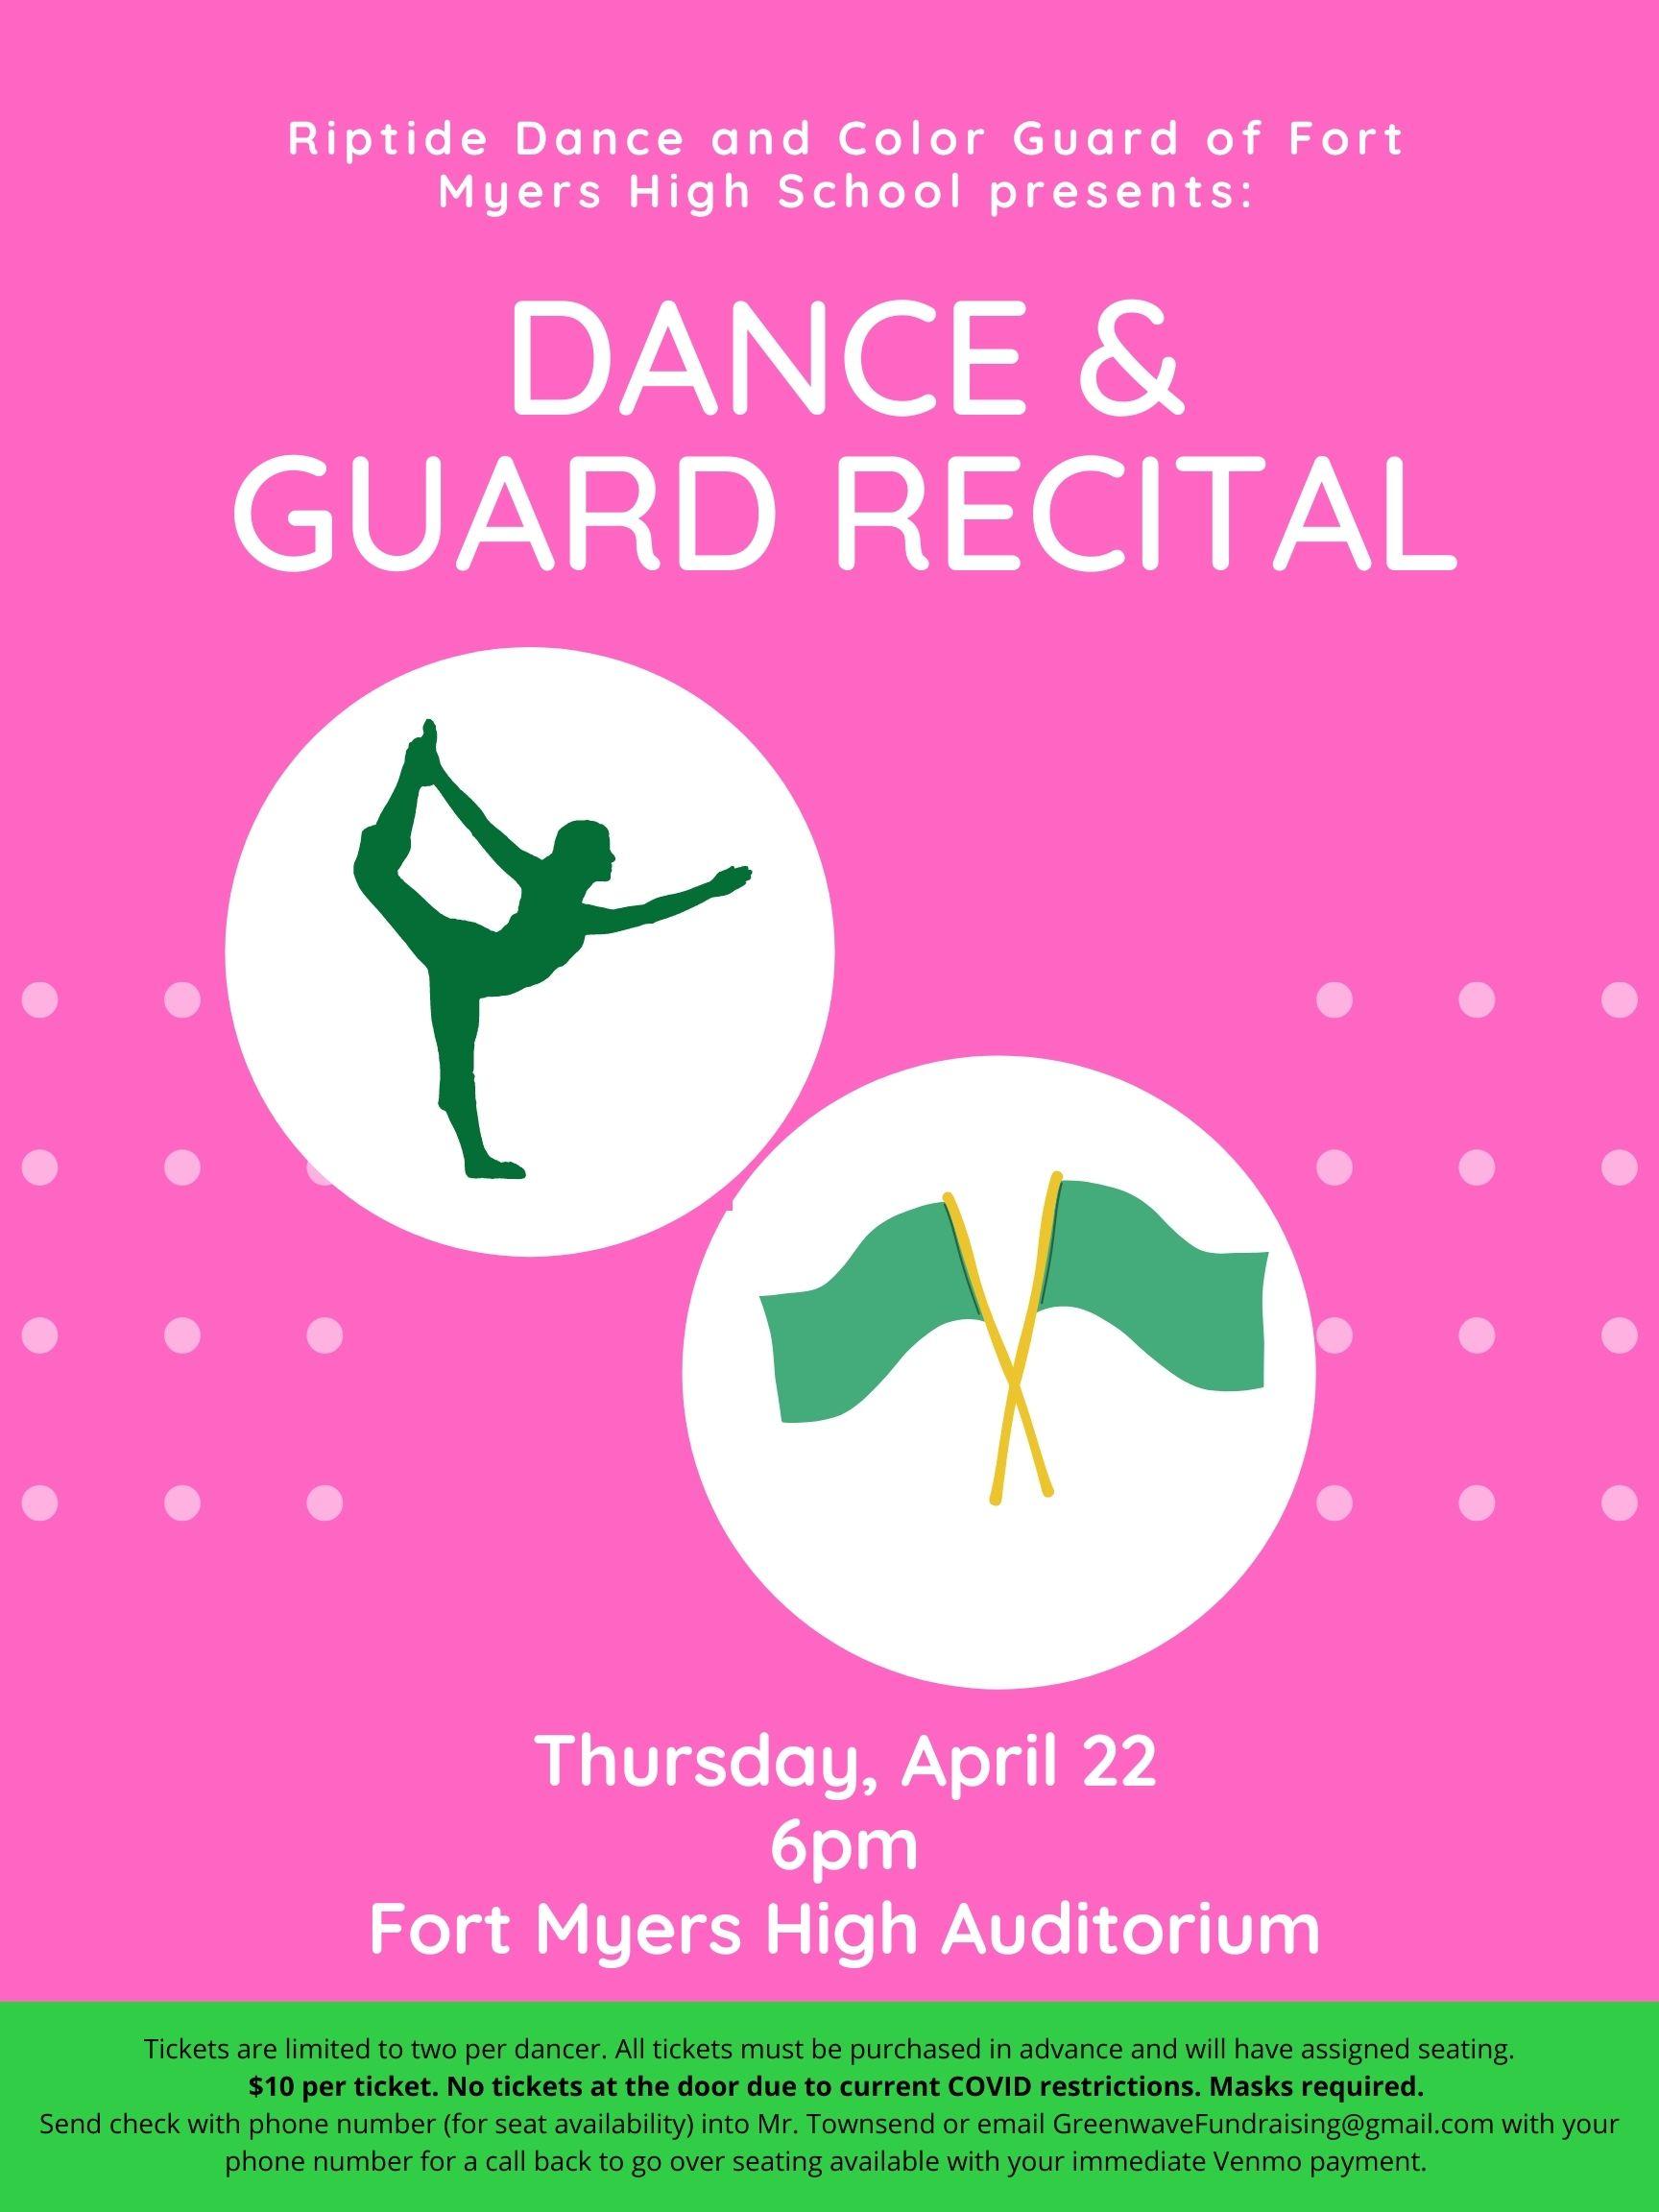 Dance april 22 @ 6